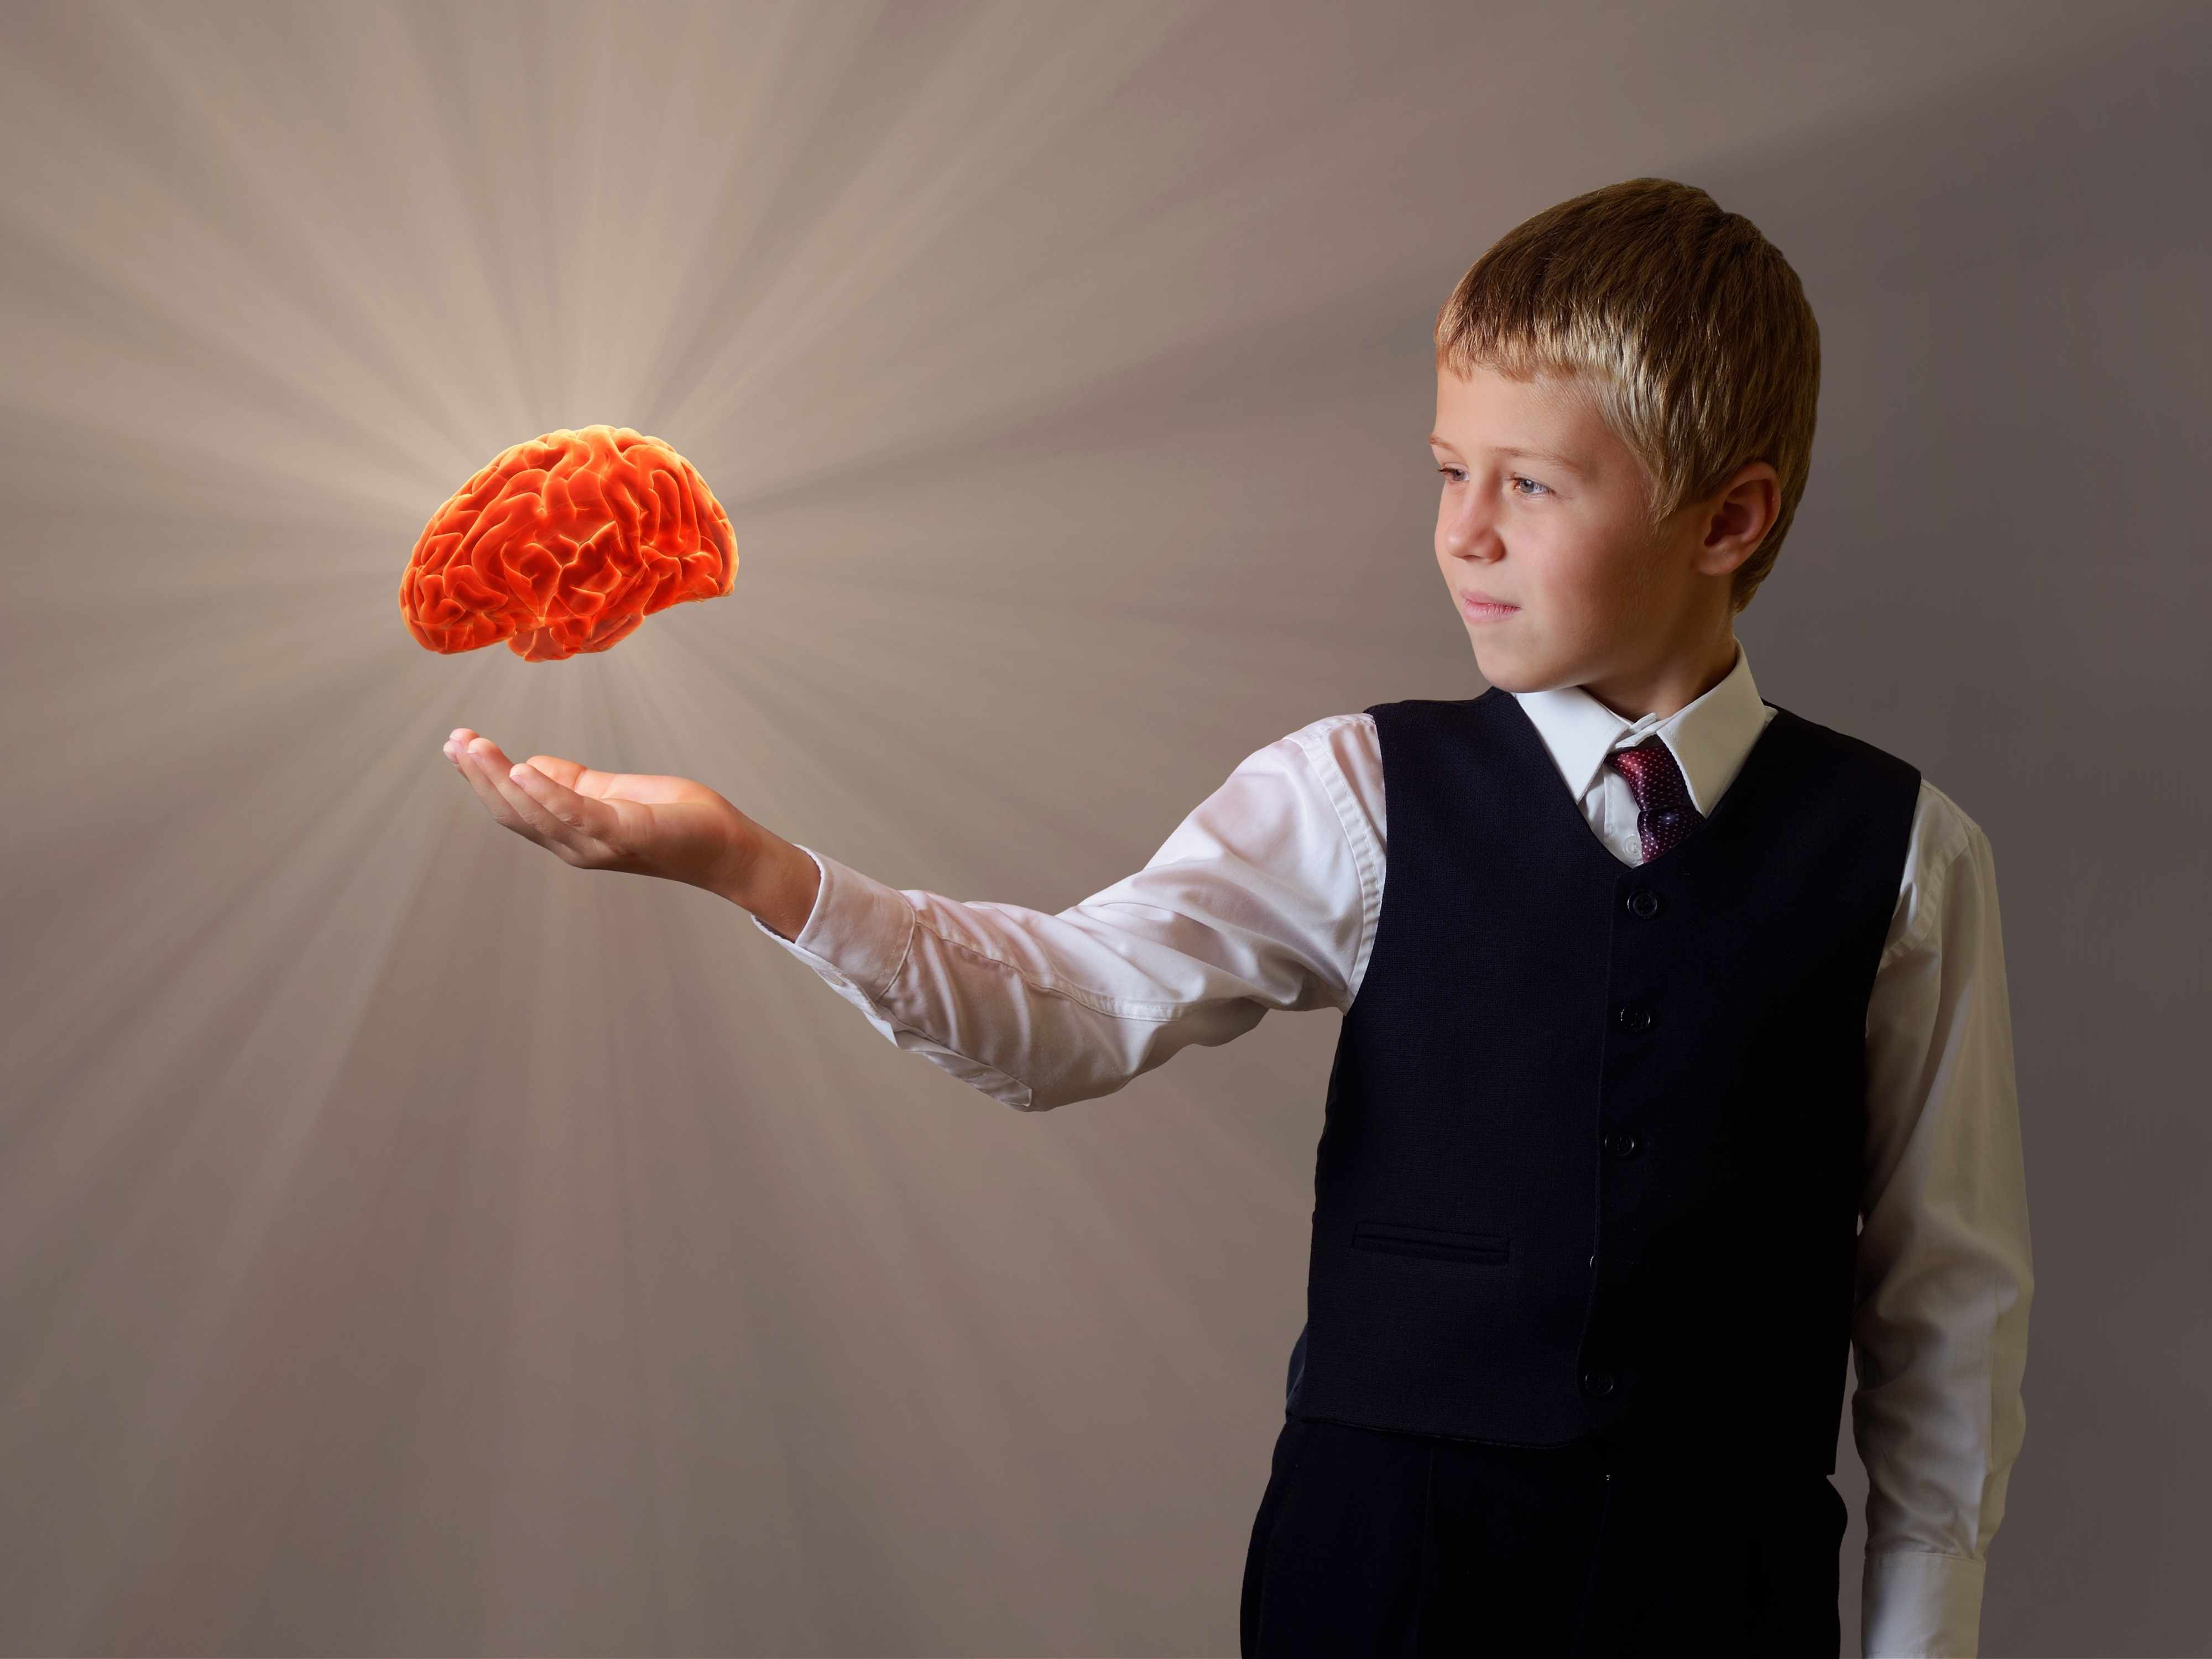 孩子智力发育竟与食物有关,补充这些营养,宝宝智力倍增!